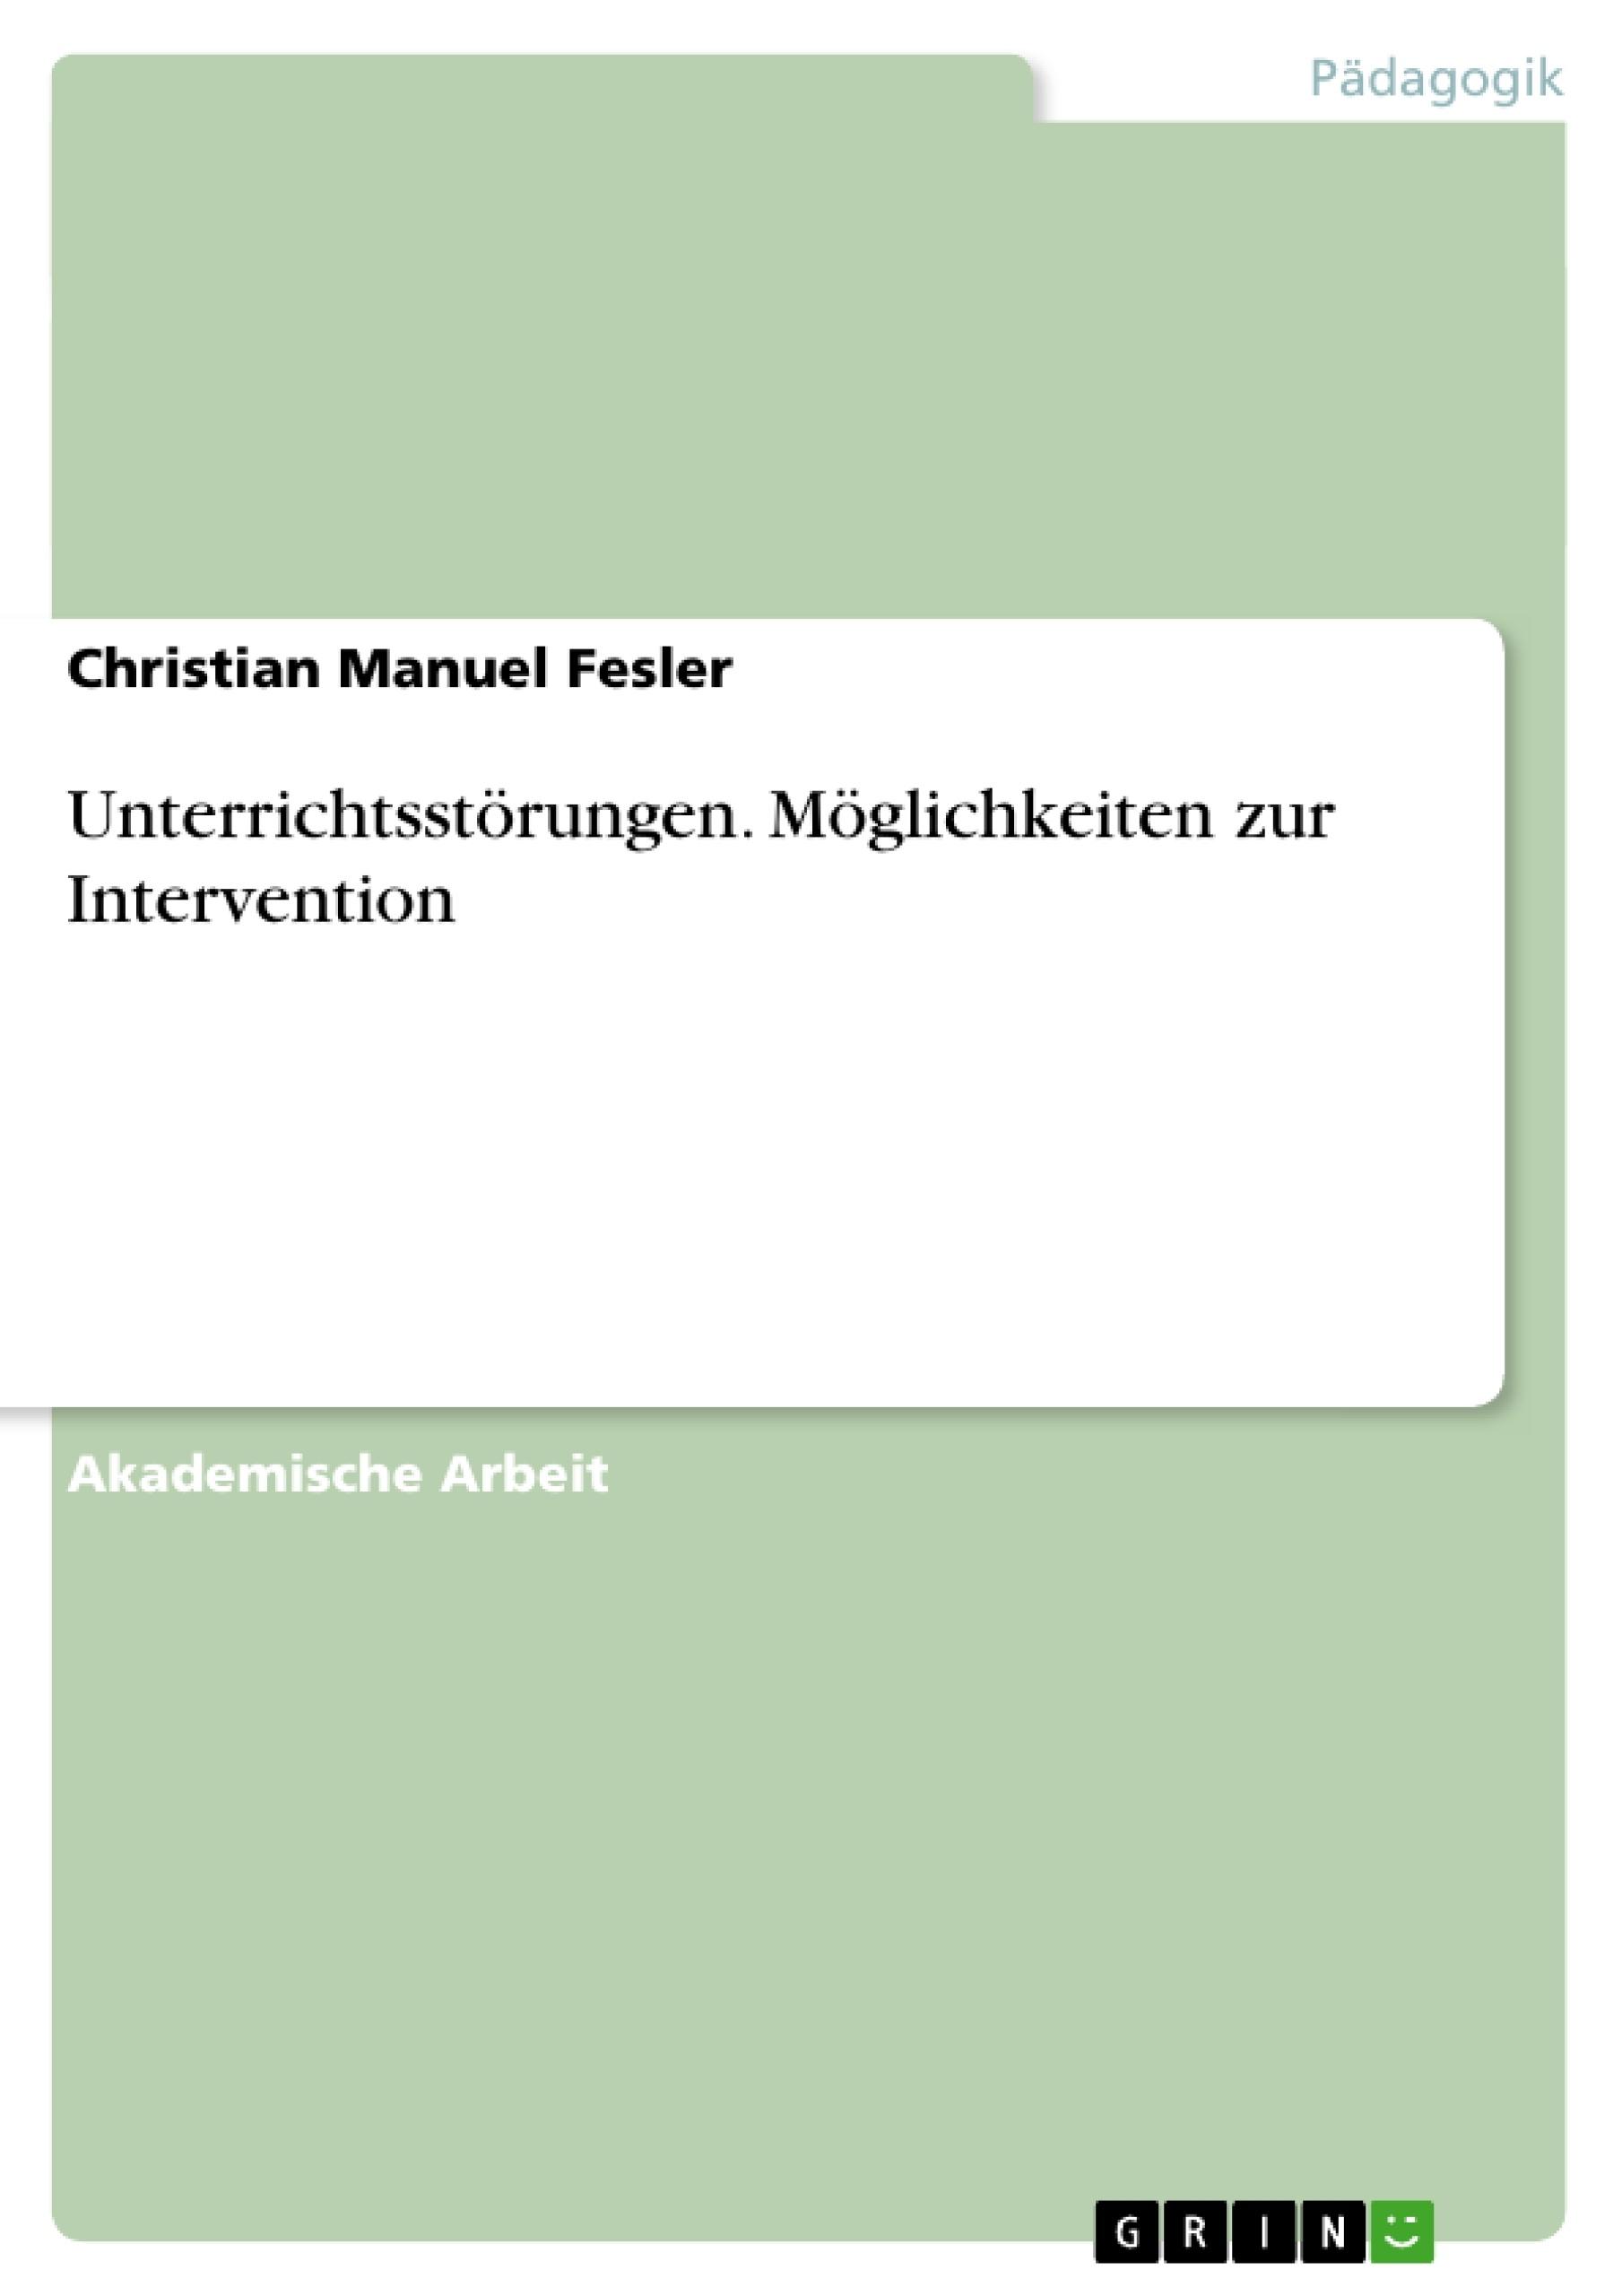 Titel: Unterrichtsstörungen. Möglichkeiten zur Intervention